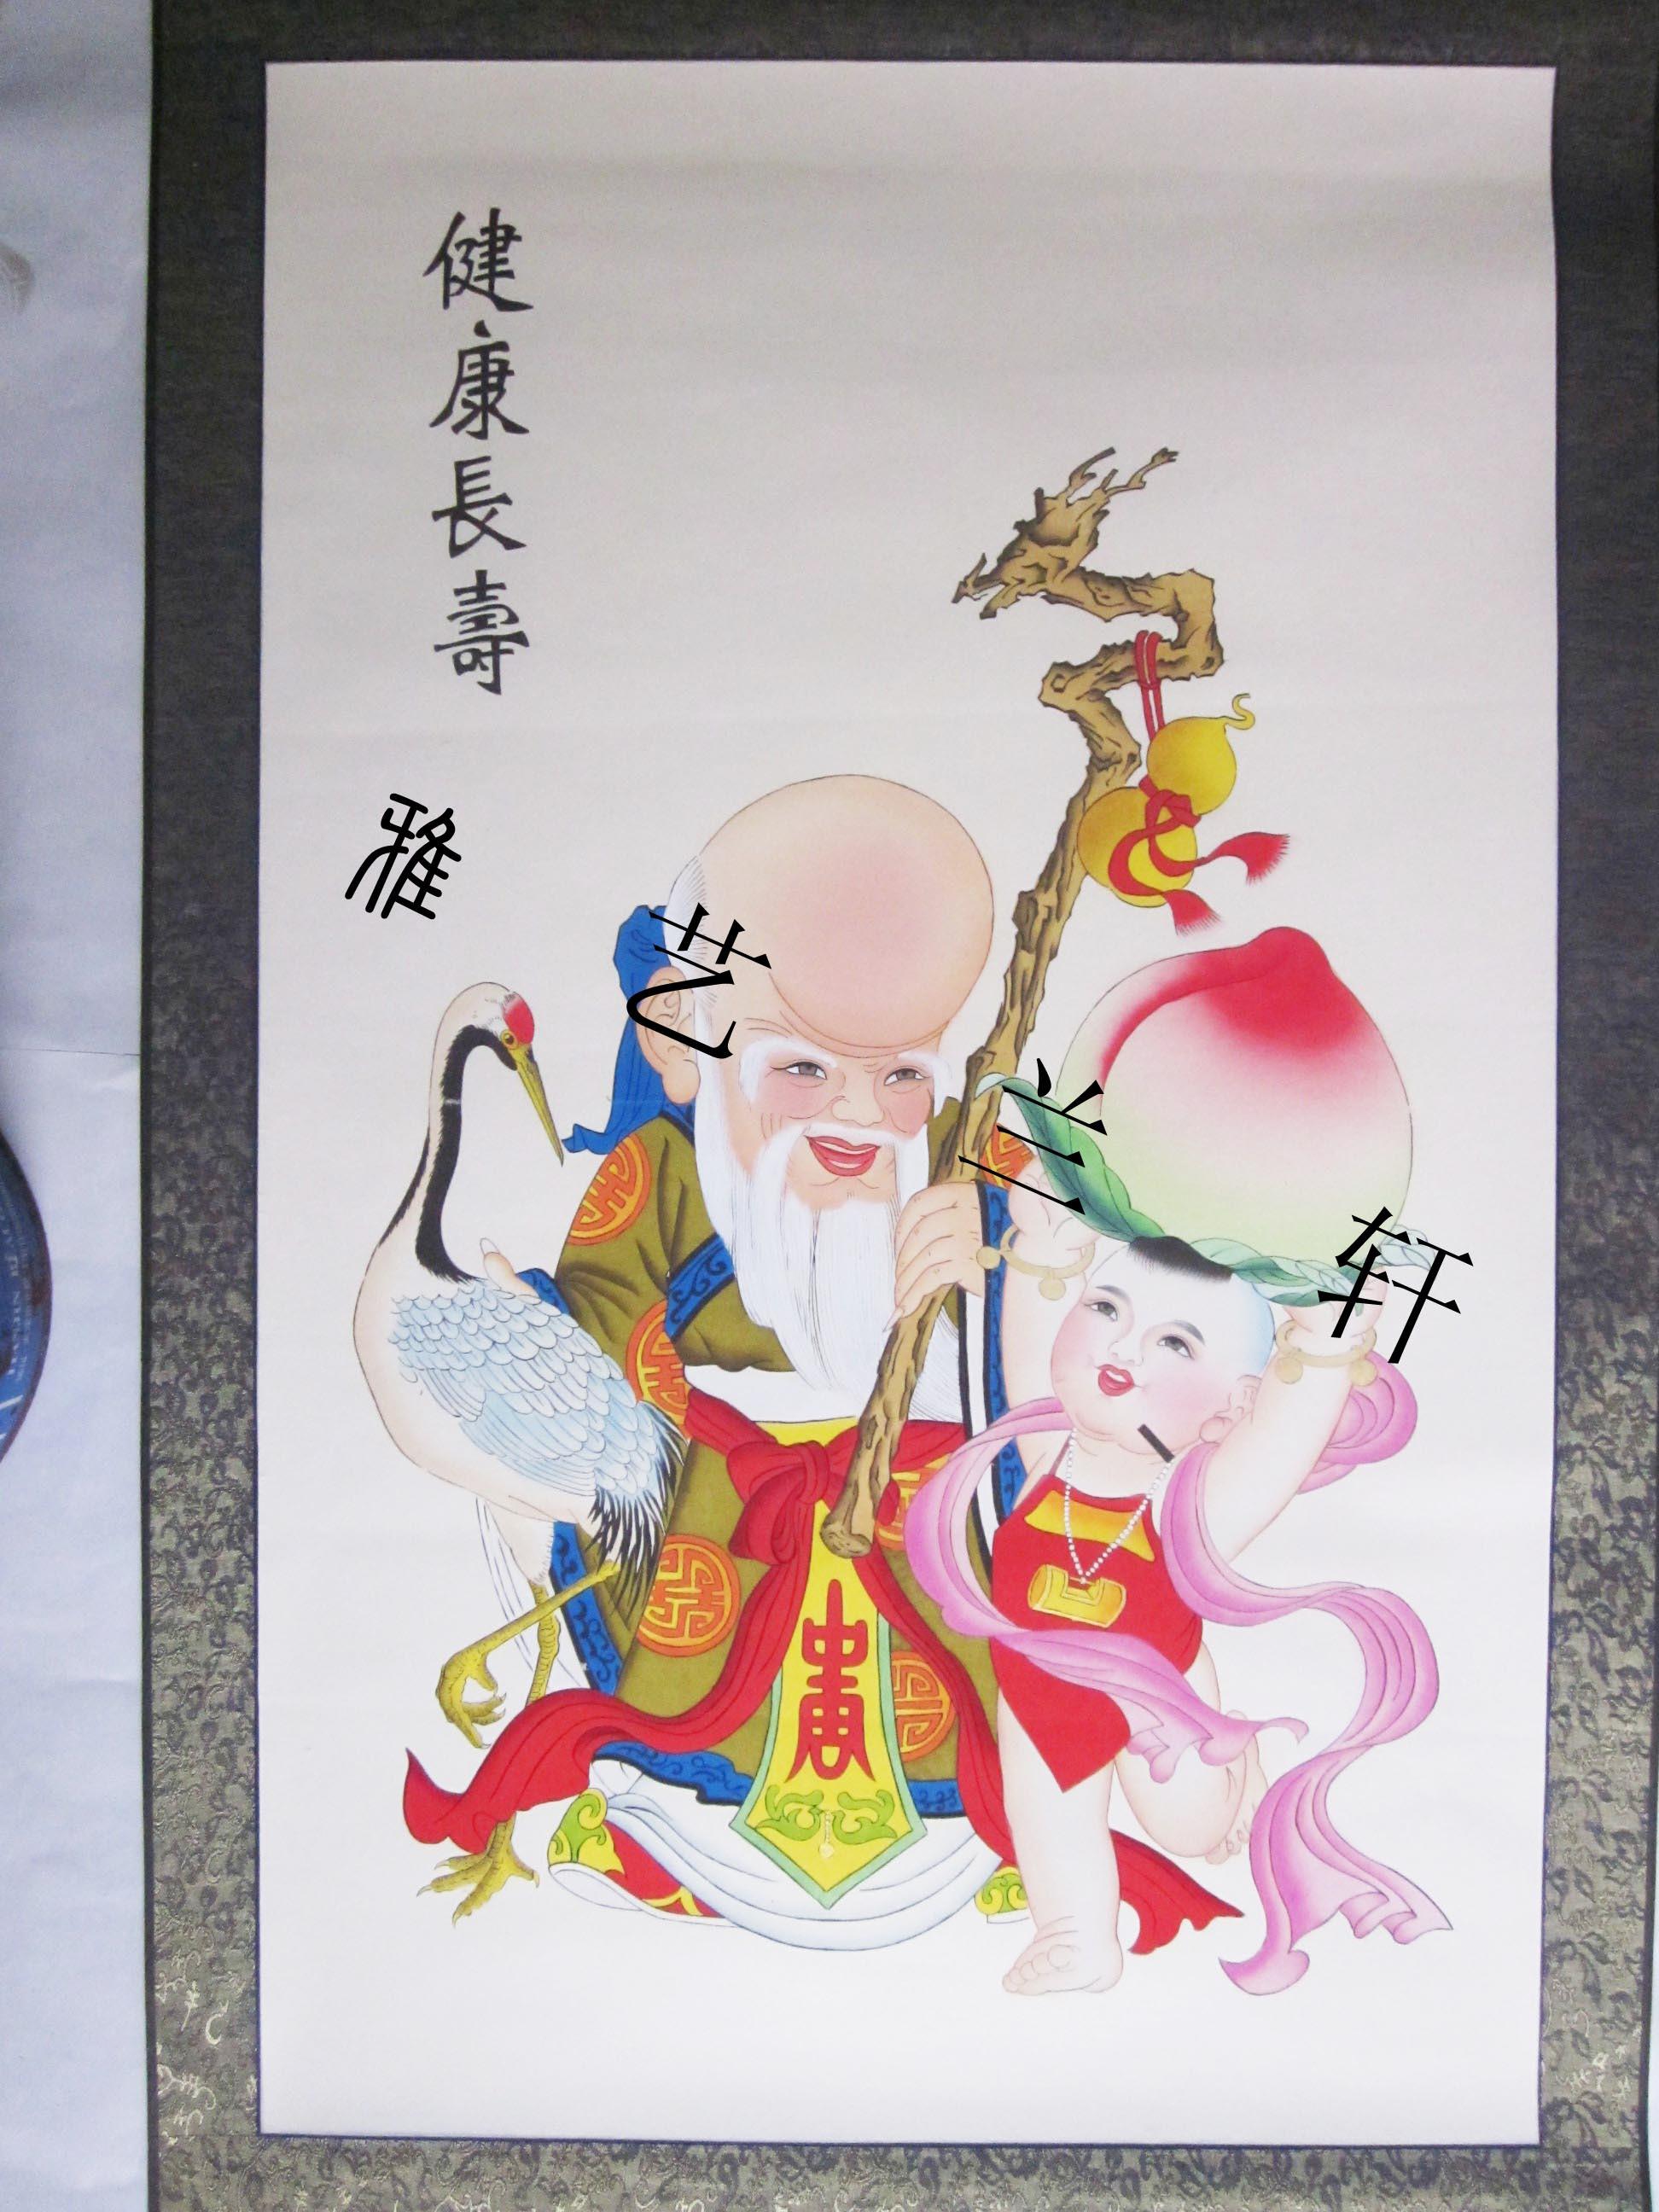 Новогодний рисунок Фотографии Юанлючин новый год здоровья и долголетия, новогодние украшения, 100% ручная роспись, весело подарки